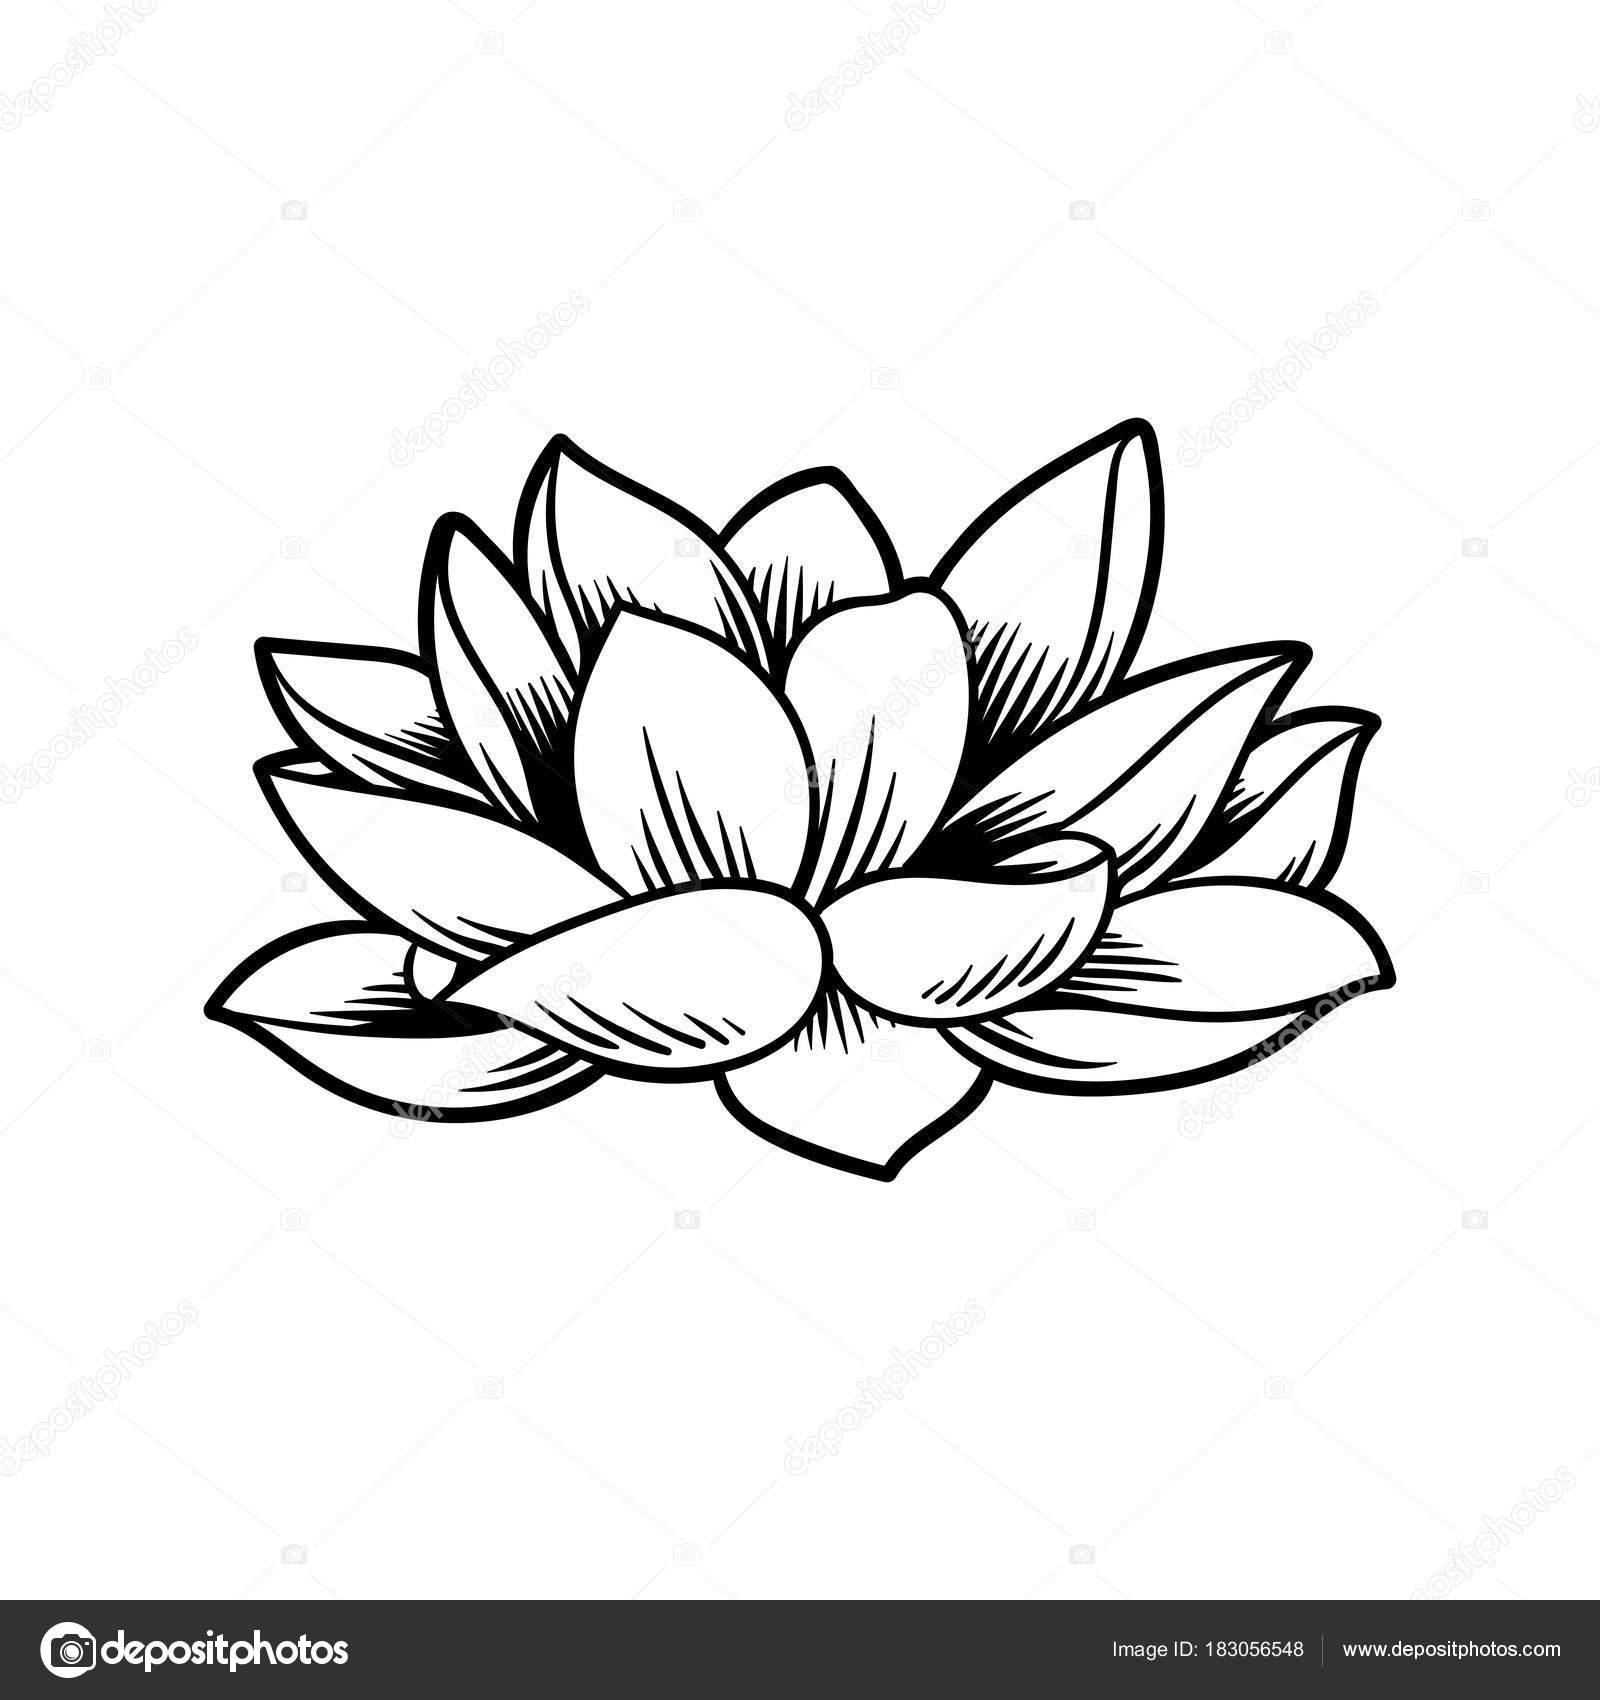 Dibujos Flores Japonesas Diseño Ilustración Estilo Tradición